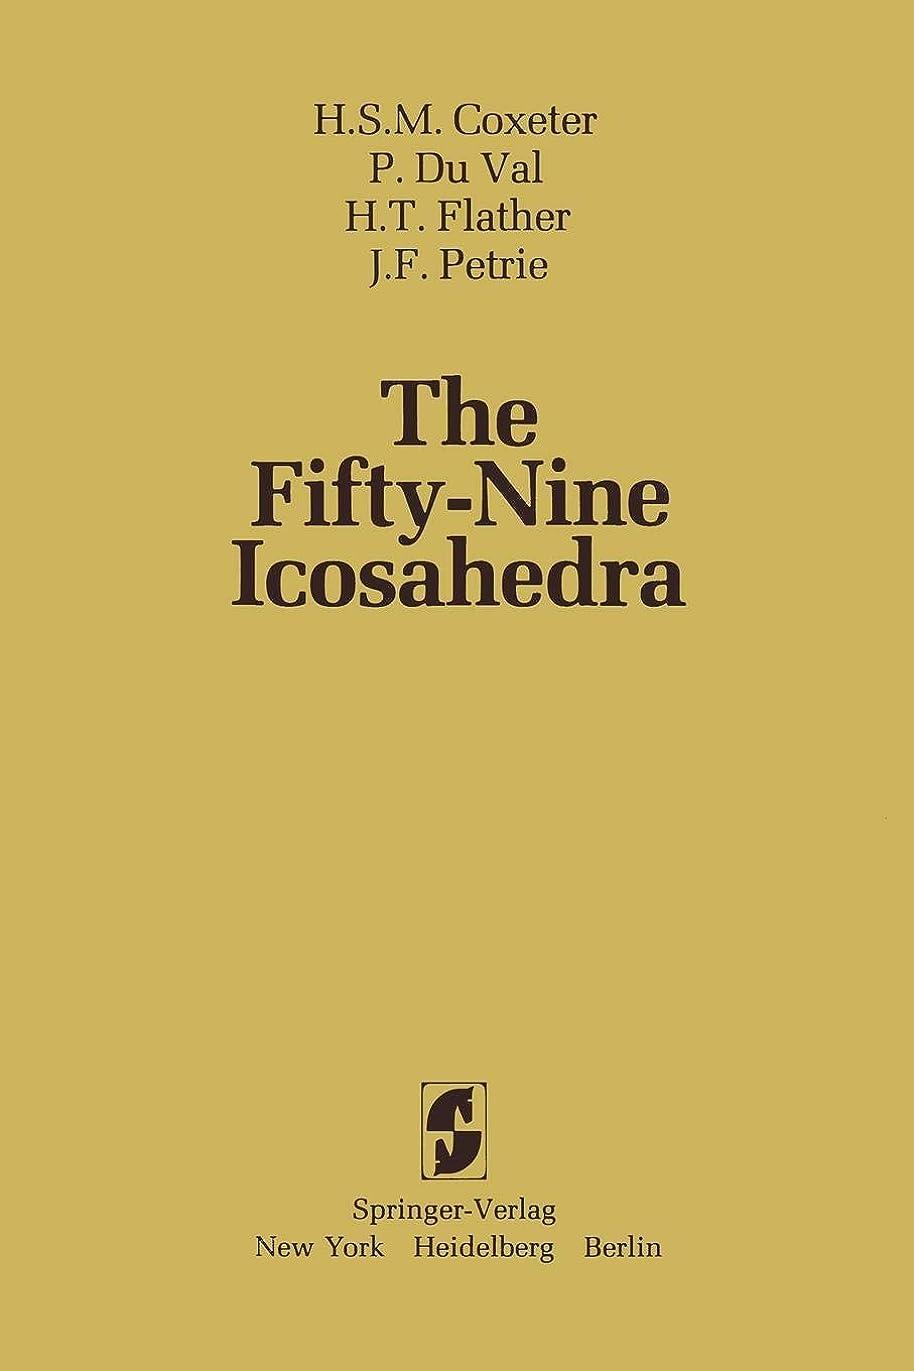 薬を飲む確執製油所The Fifty-Nine Icosahedra (Lecture Notes in Statistics)